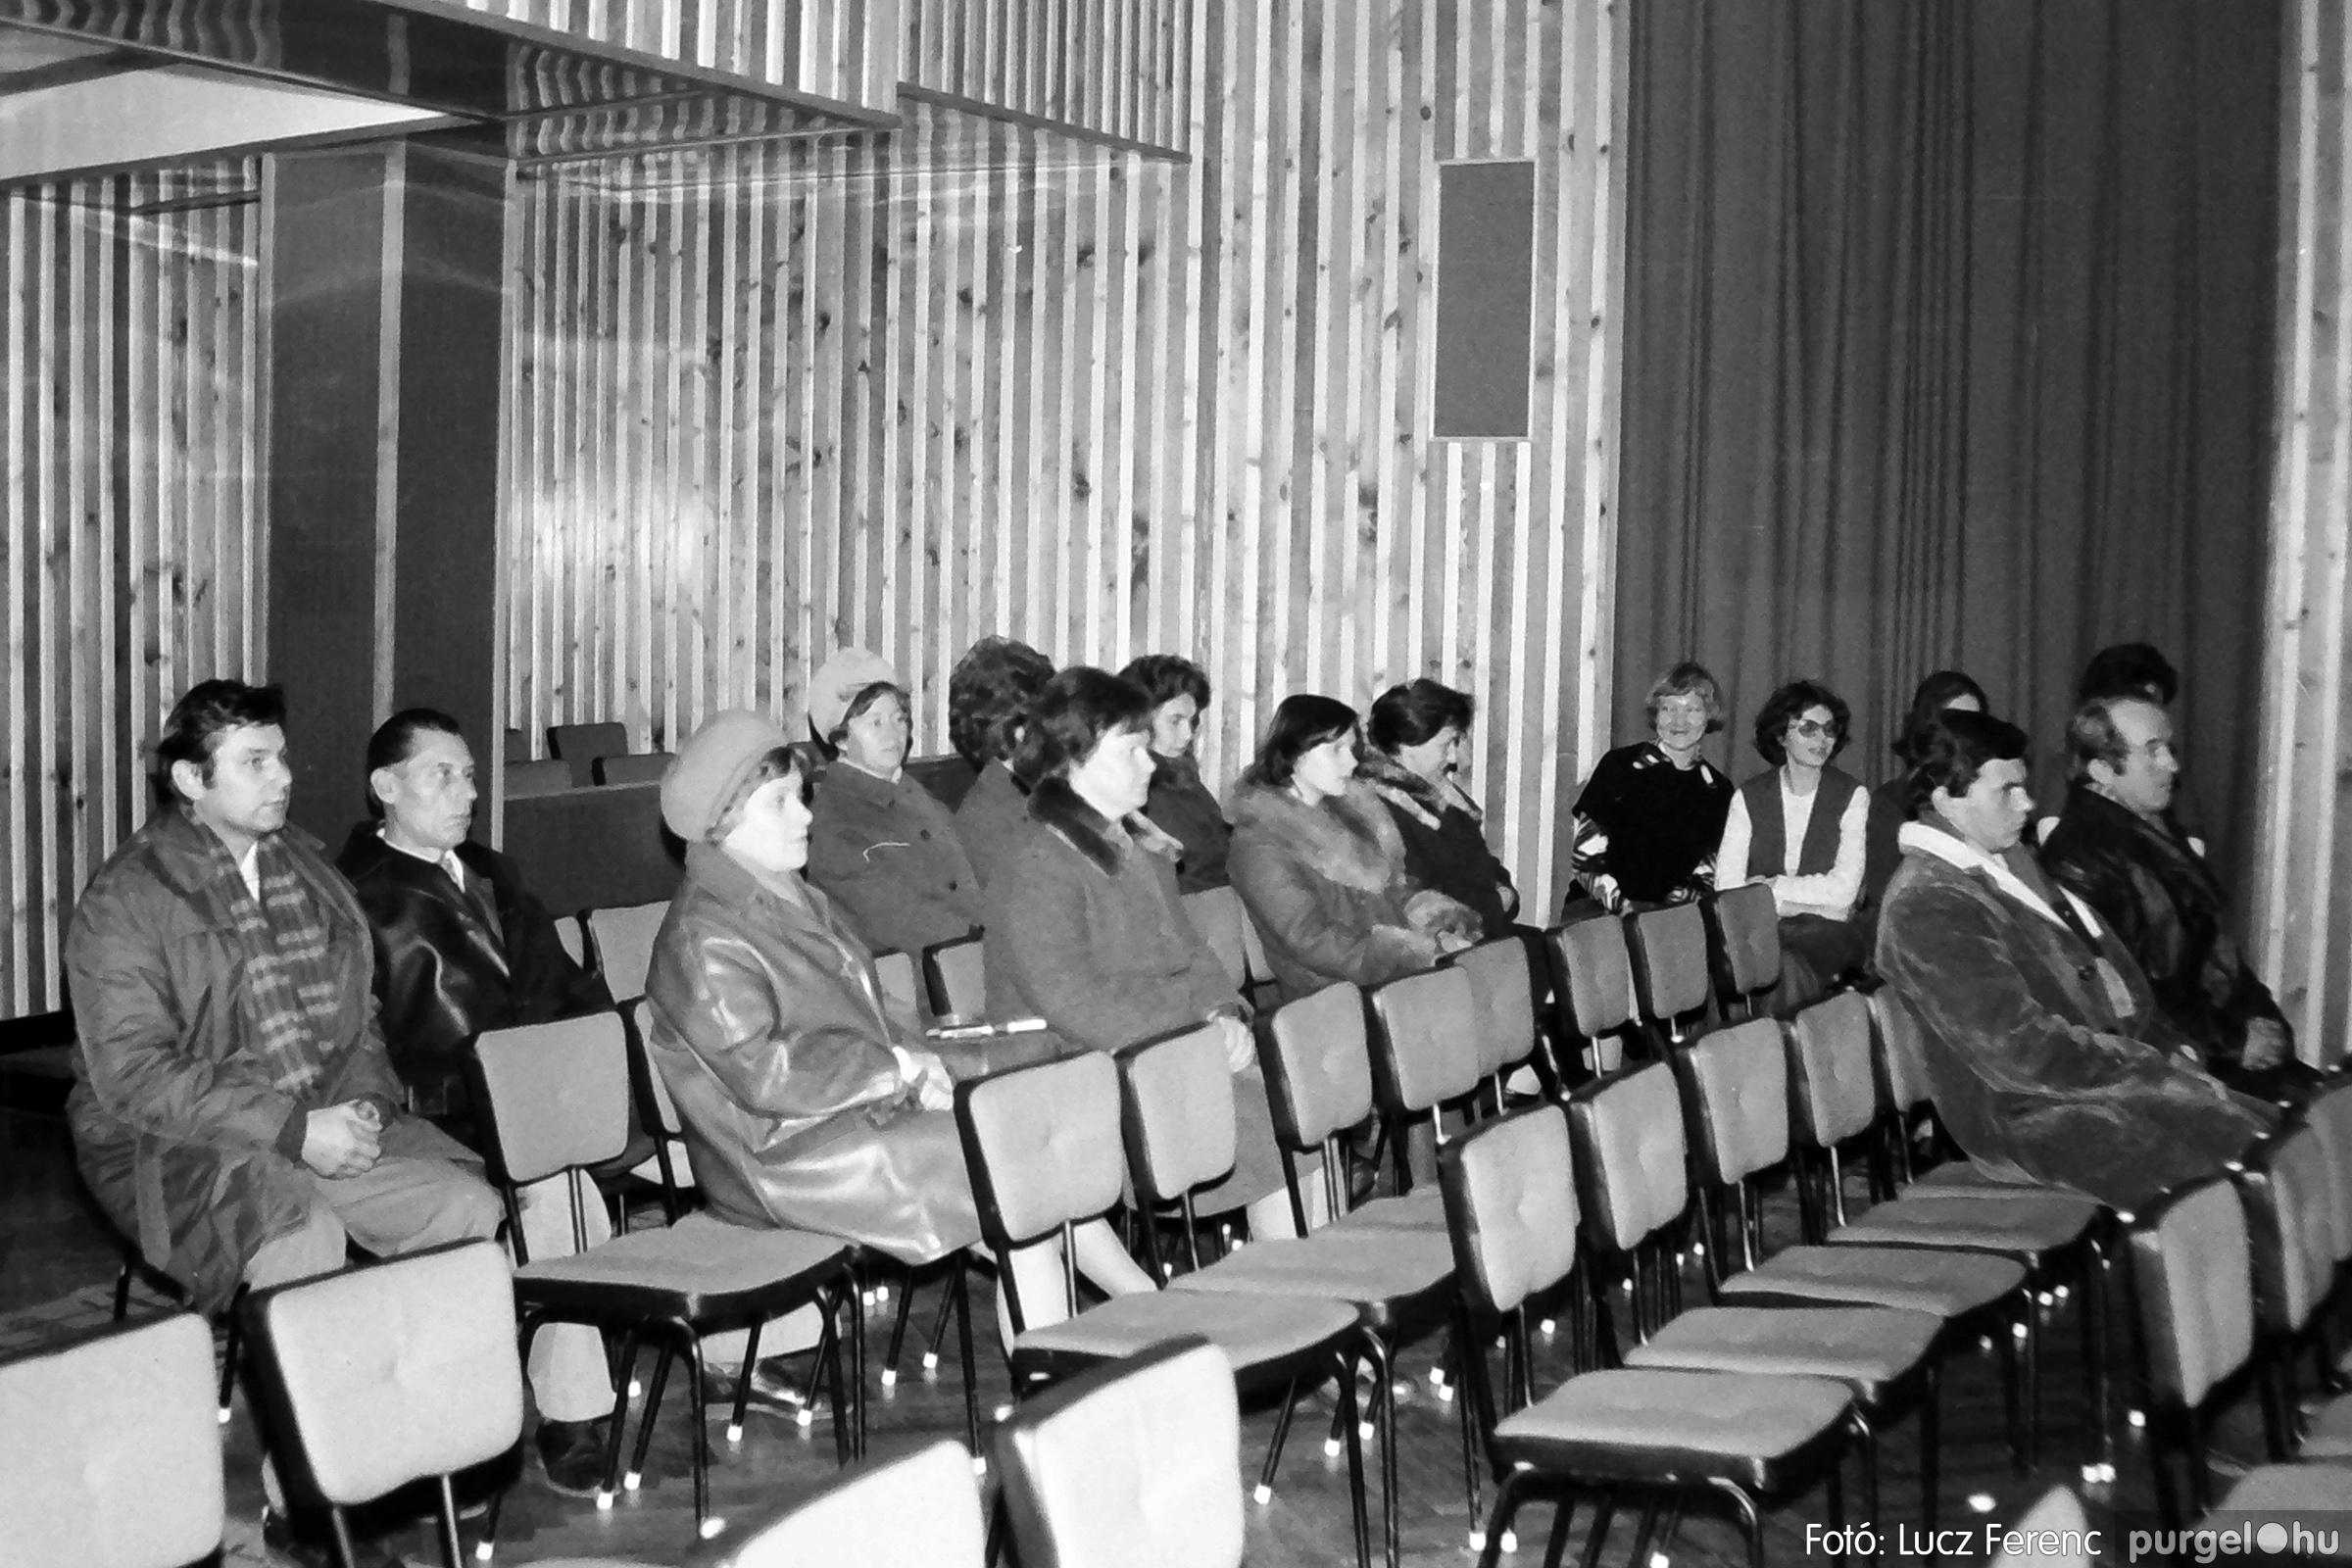 064. 1976. Kiállítás a kultúrházban 006. - Fotó: Lucz Ferenc.jpg